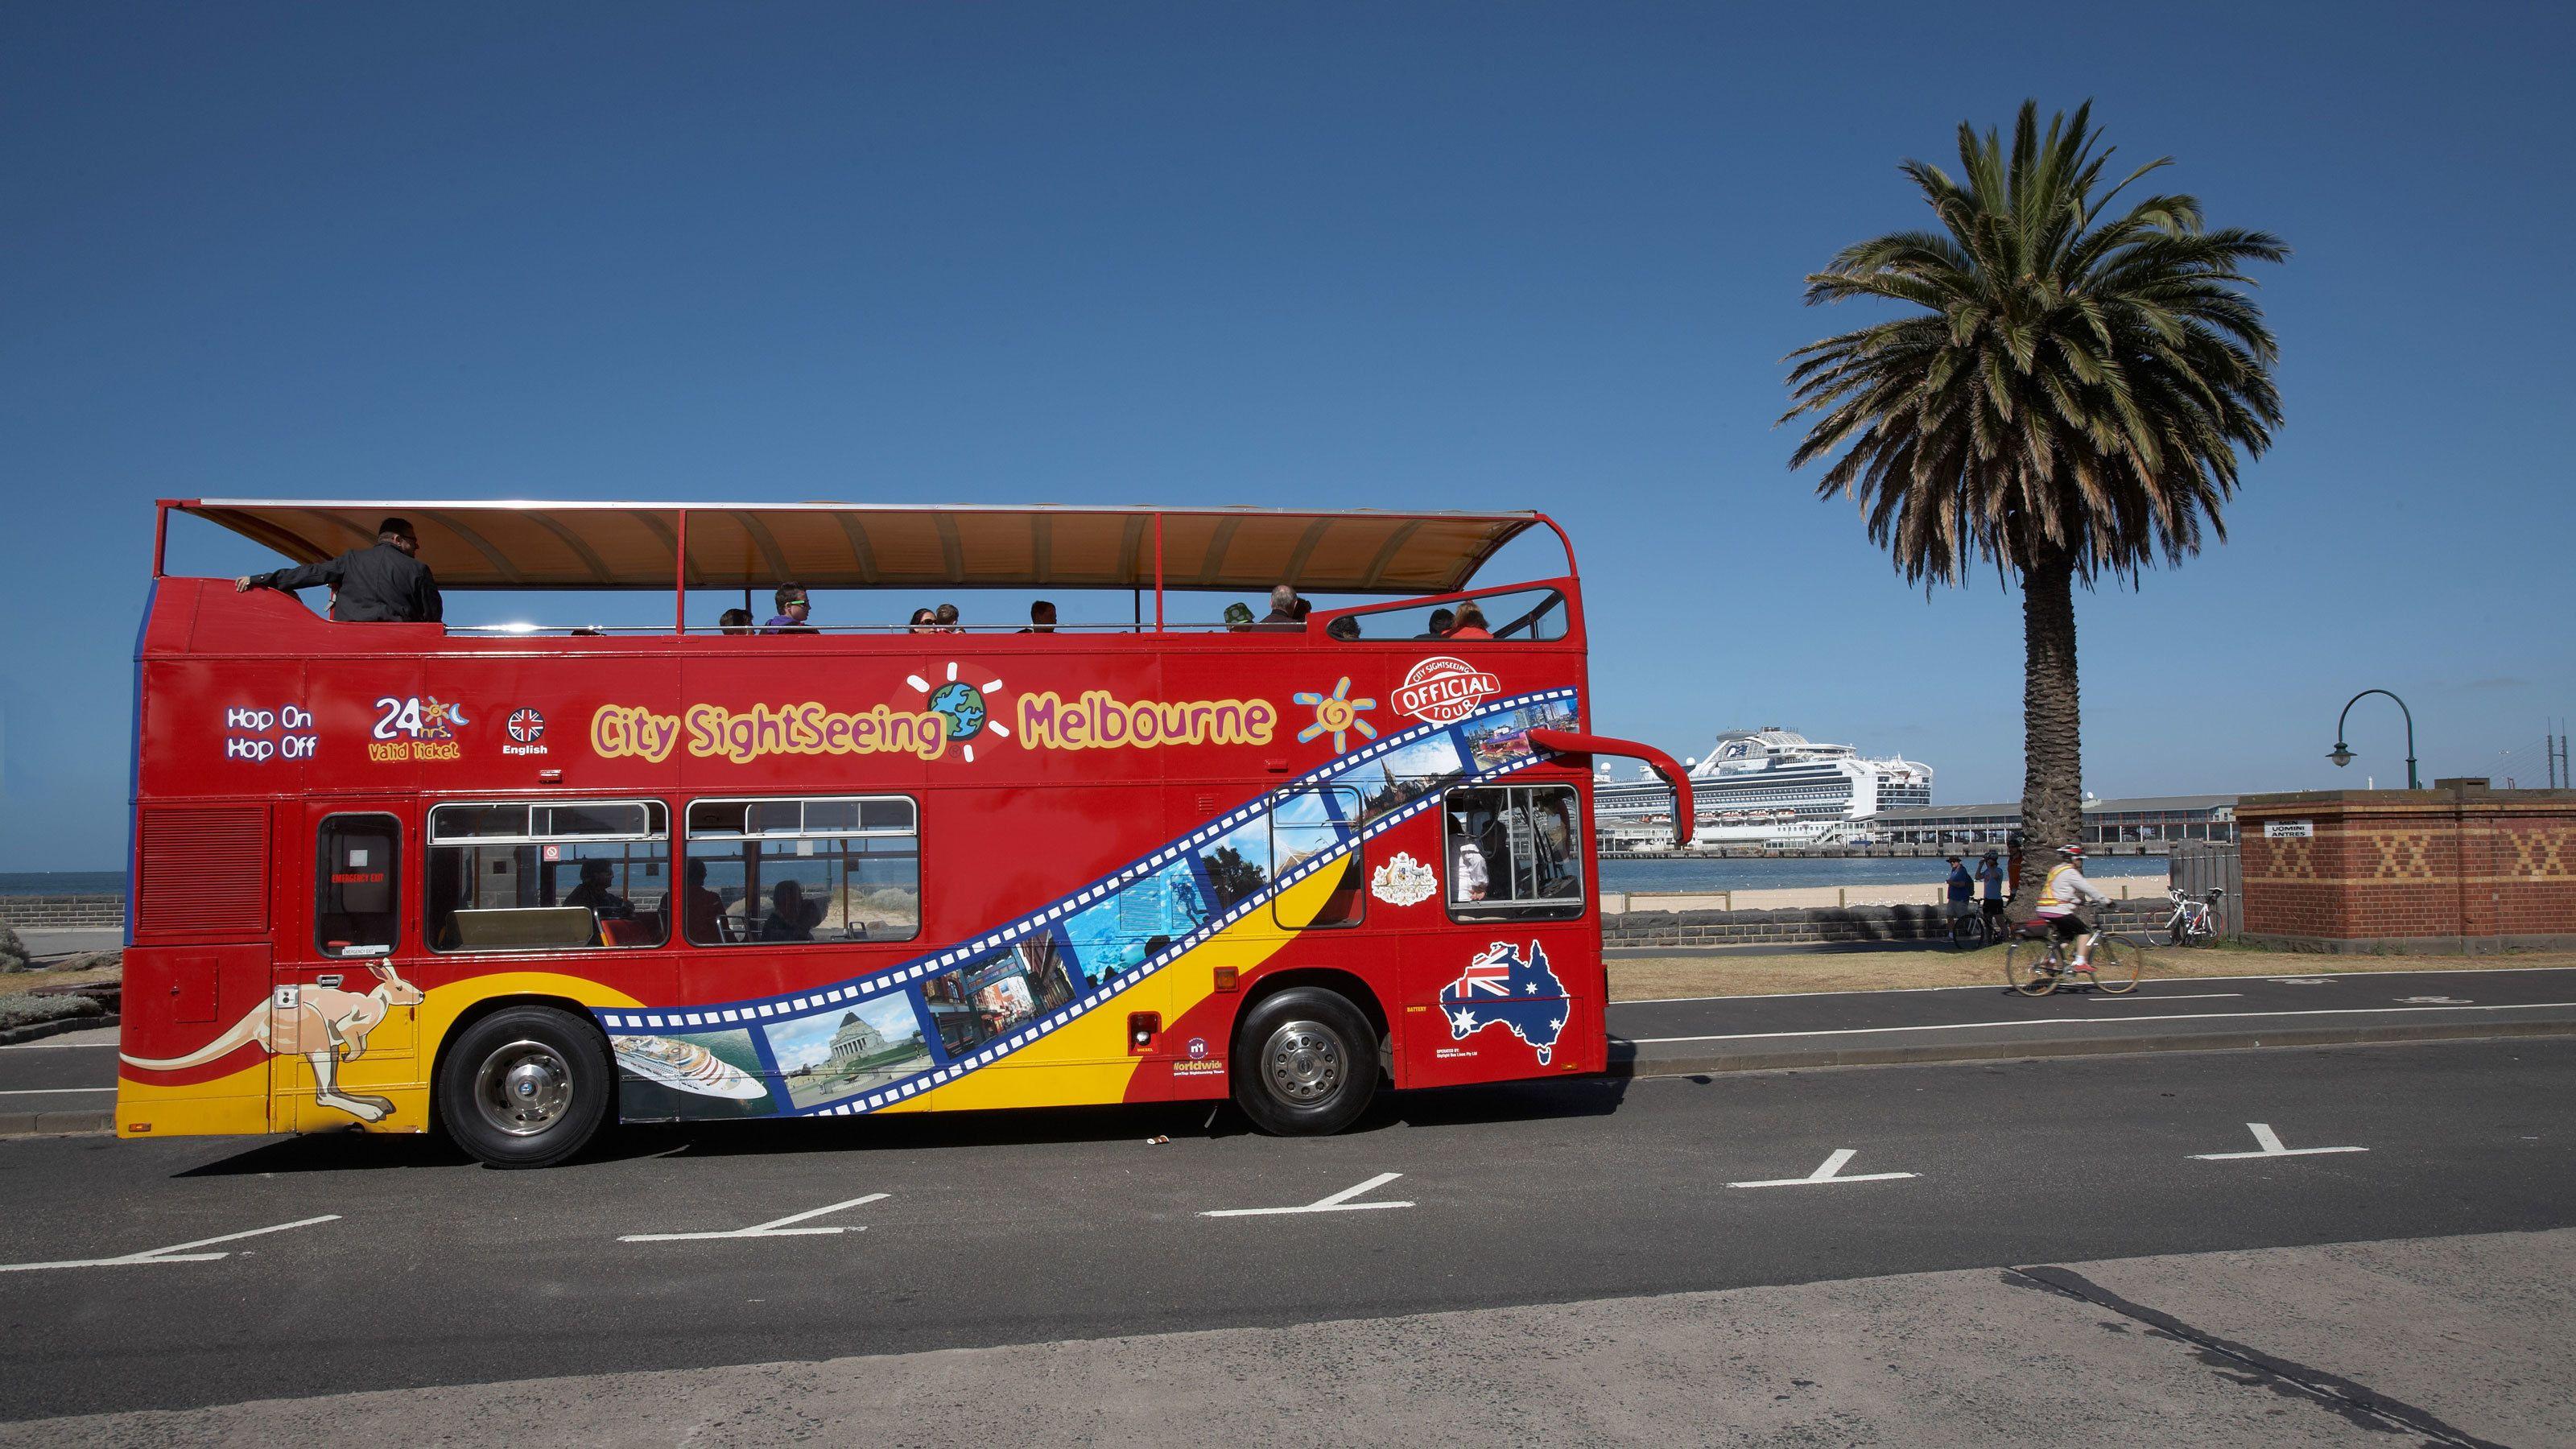 Excursión por la costa: visita por Melbourne en autobús turístico